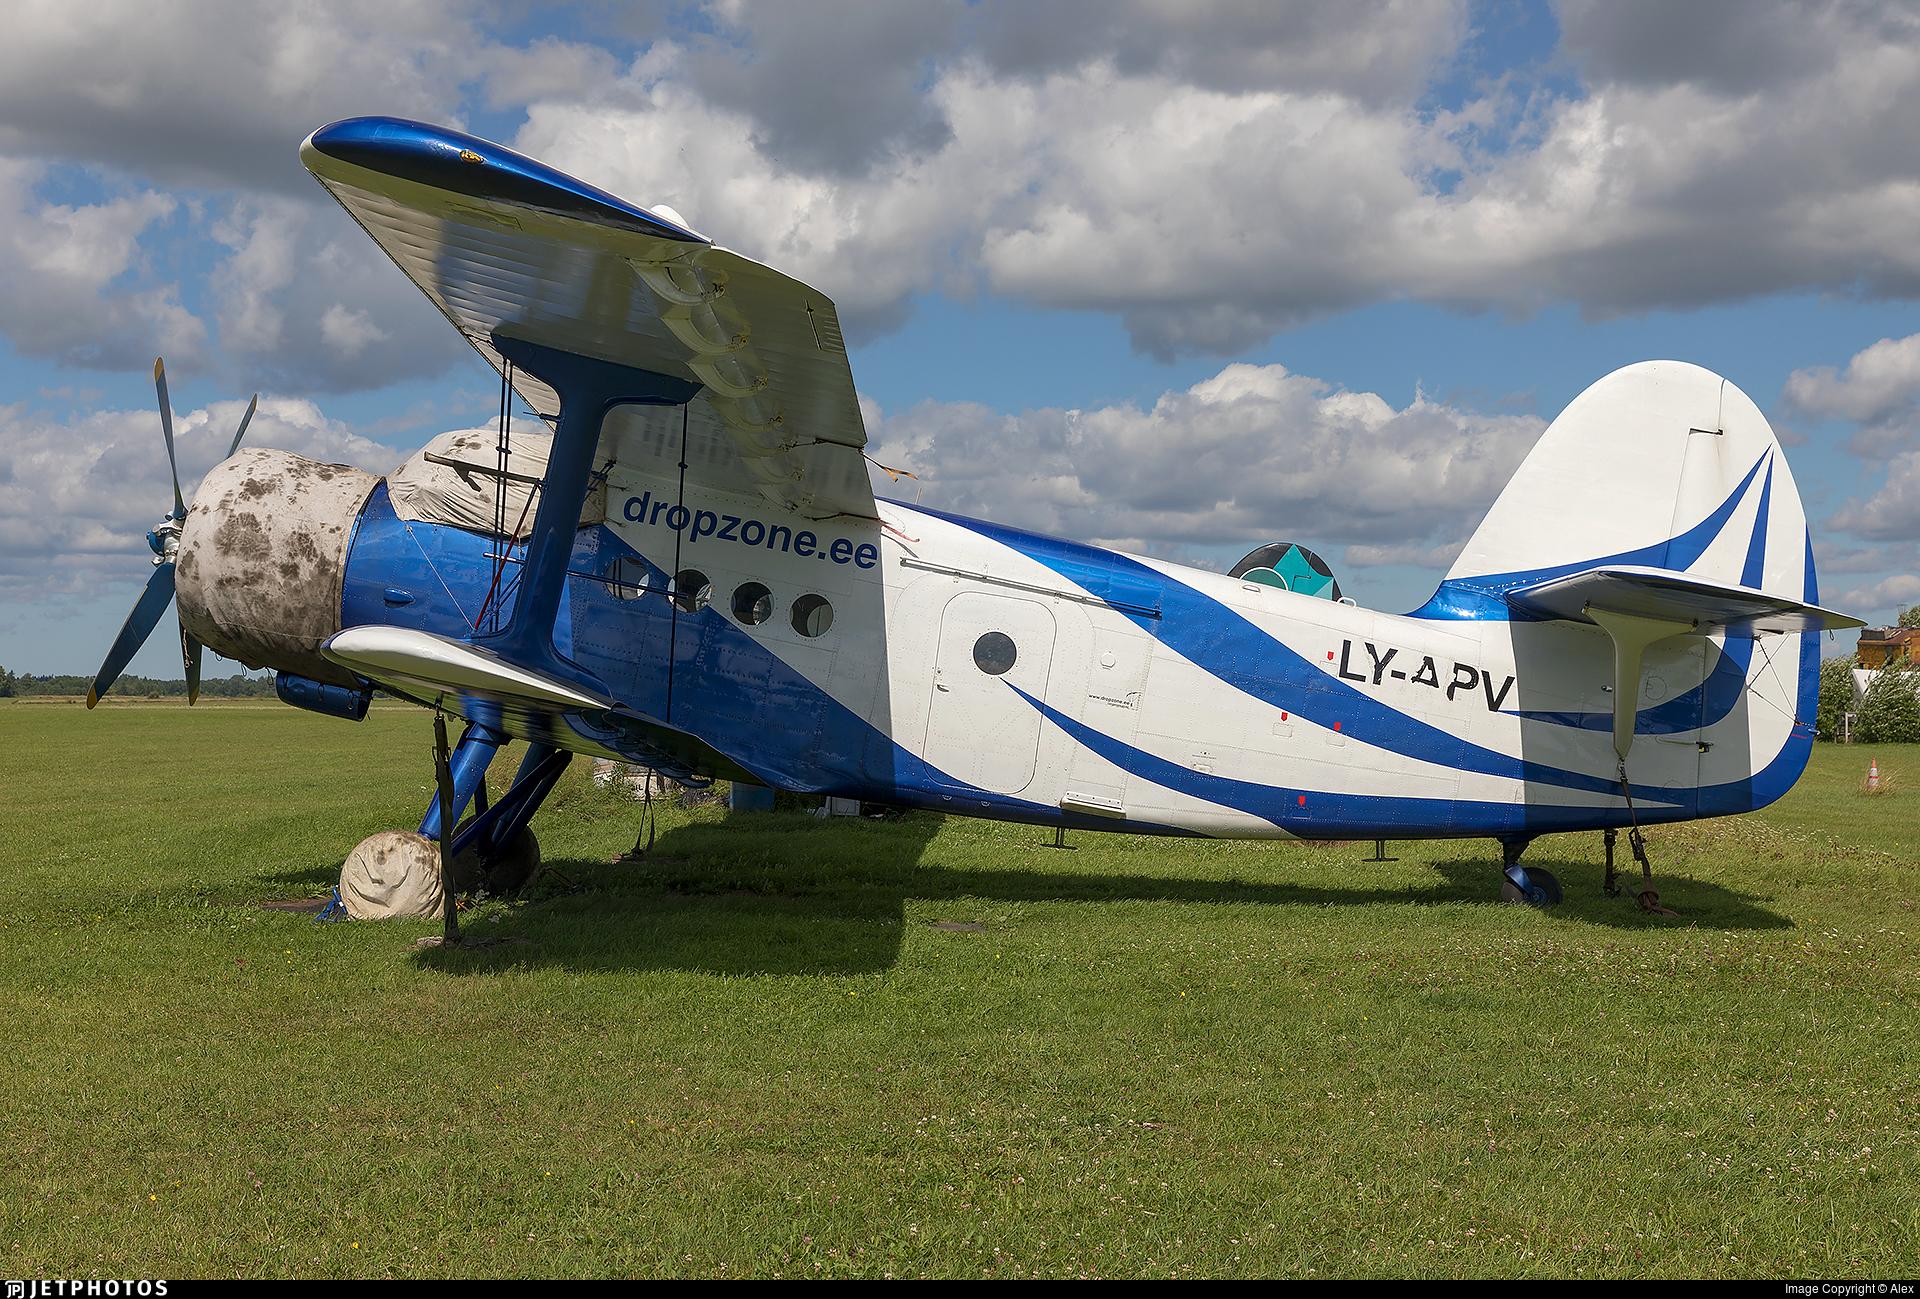 LY-APV - PZL-Mielec An-2 - Private